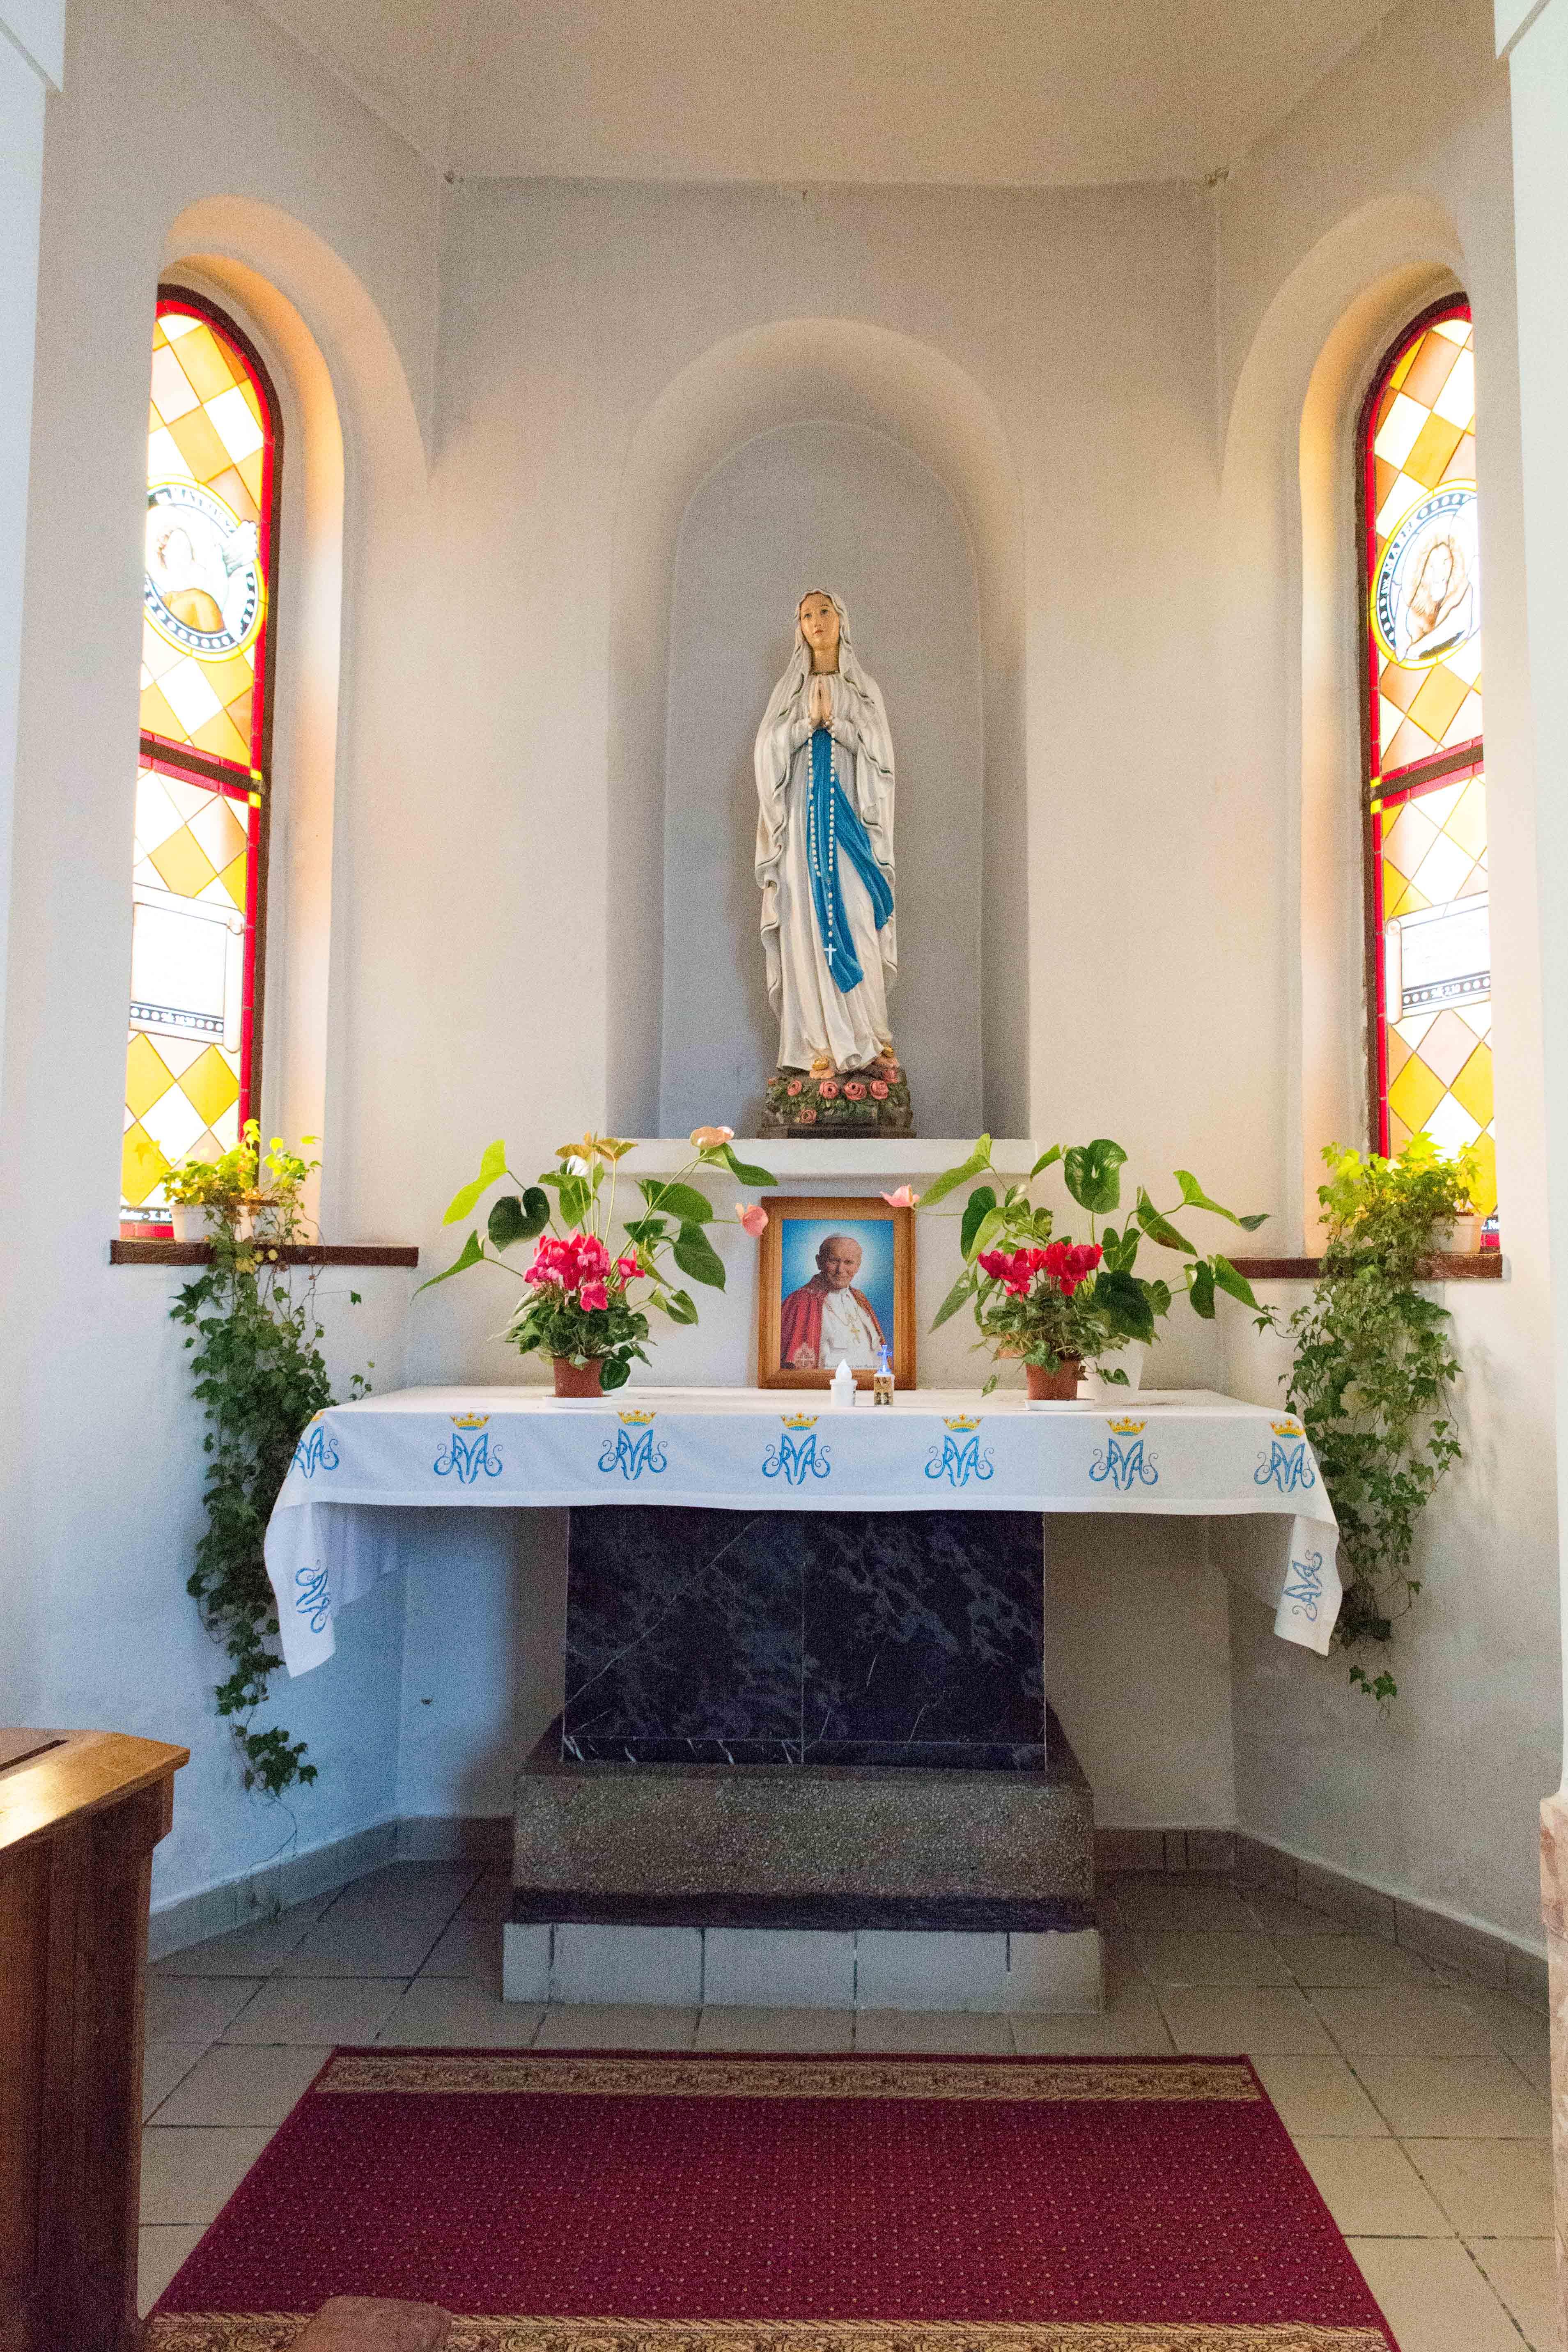 Kosciol Najswietszej Maryi Panny Czestochowskiej we Wroclawiu male (19)